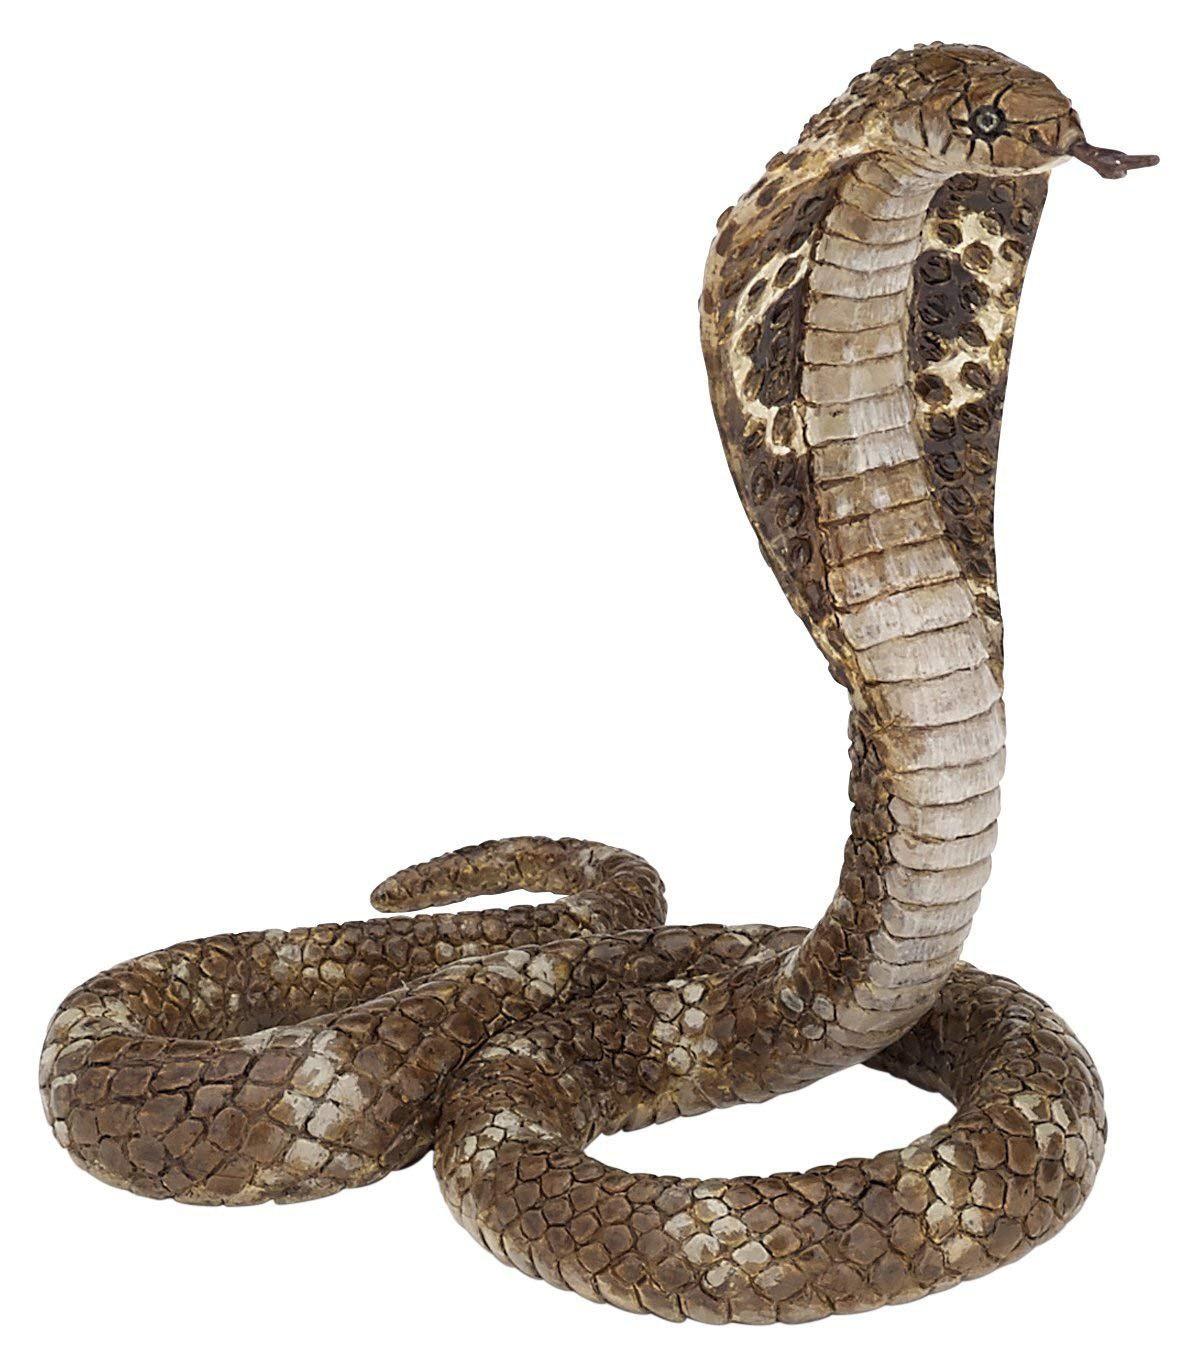 Cobra clipart sneck. Snake png images transparent